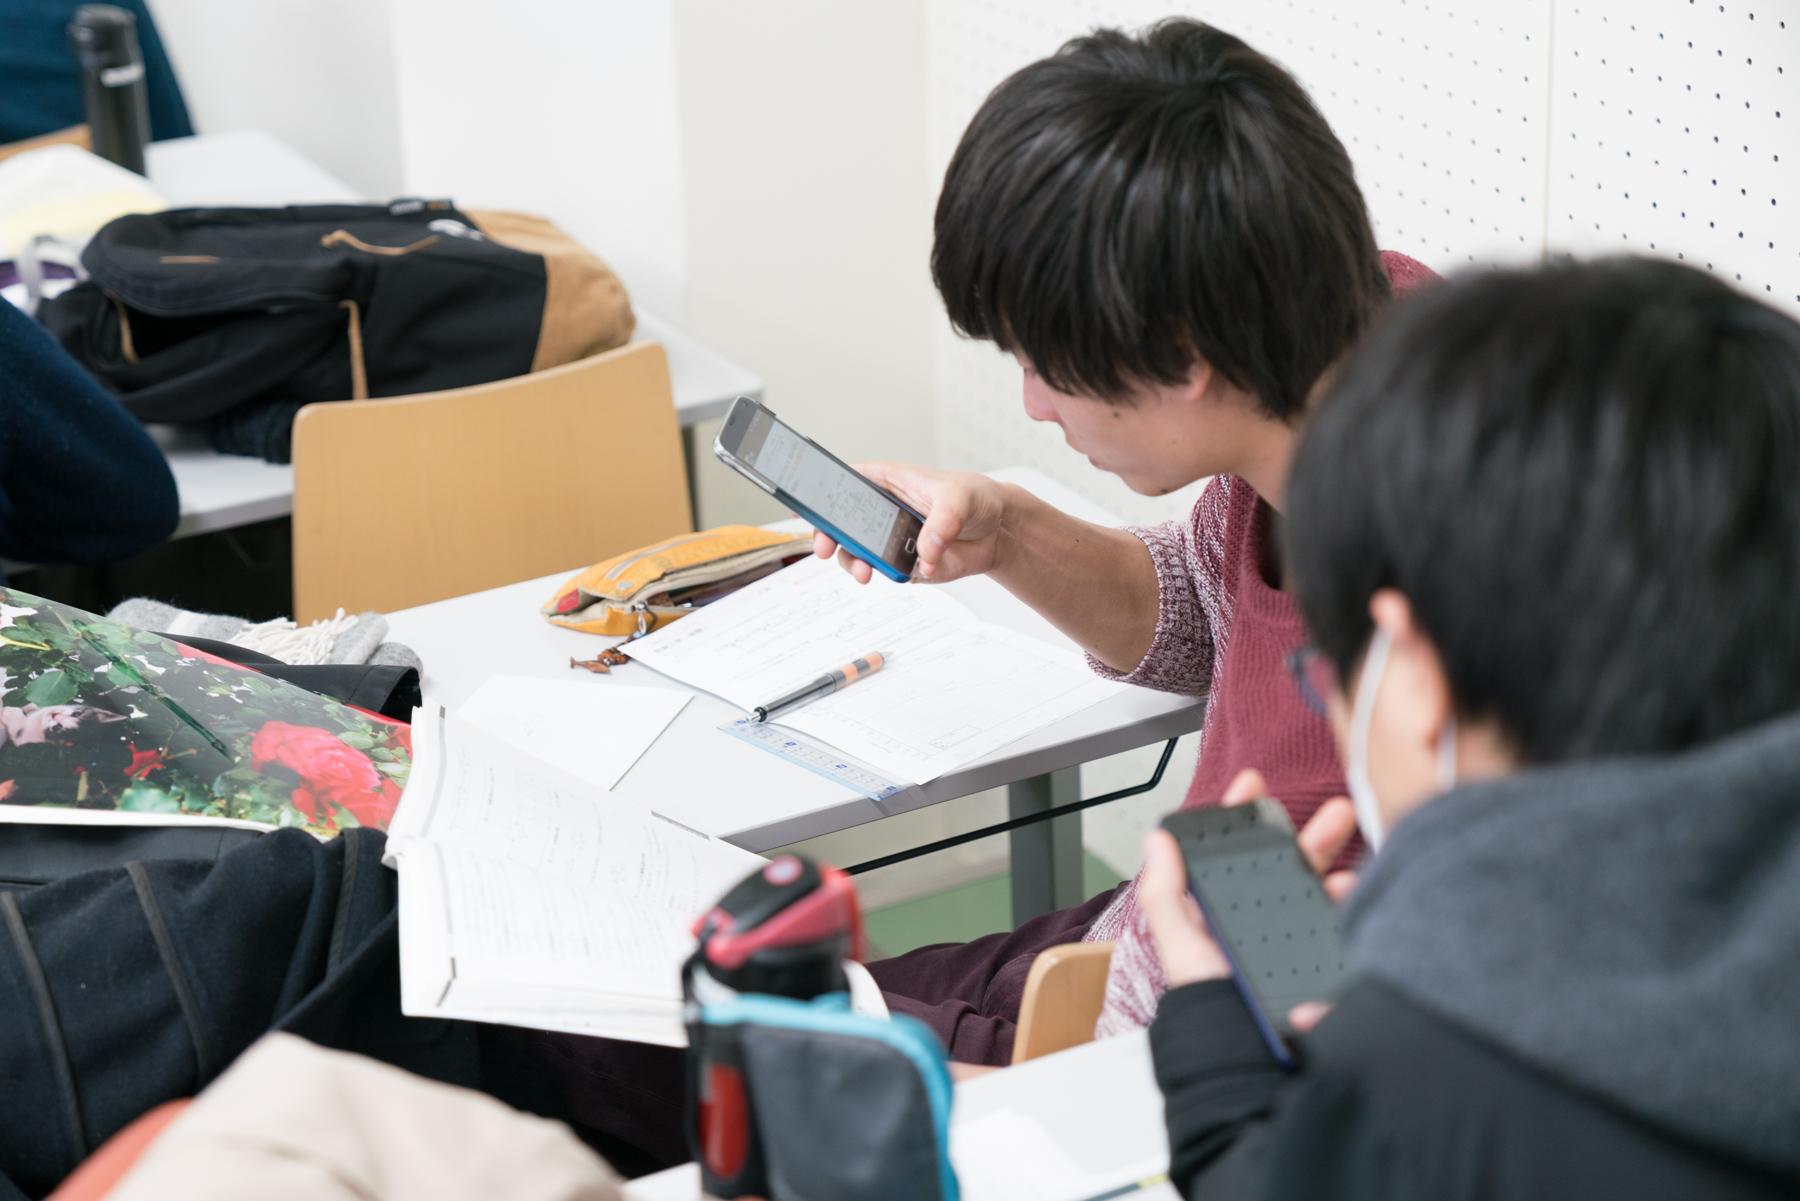 スマホのHandbookアプリから回答を送信する学生